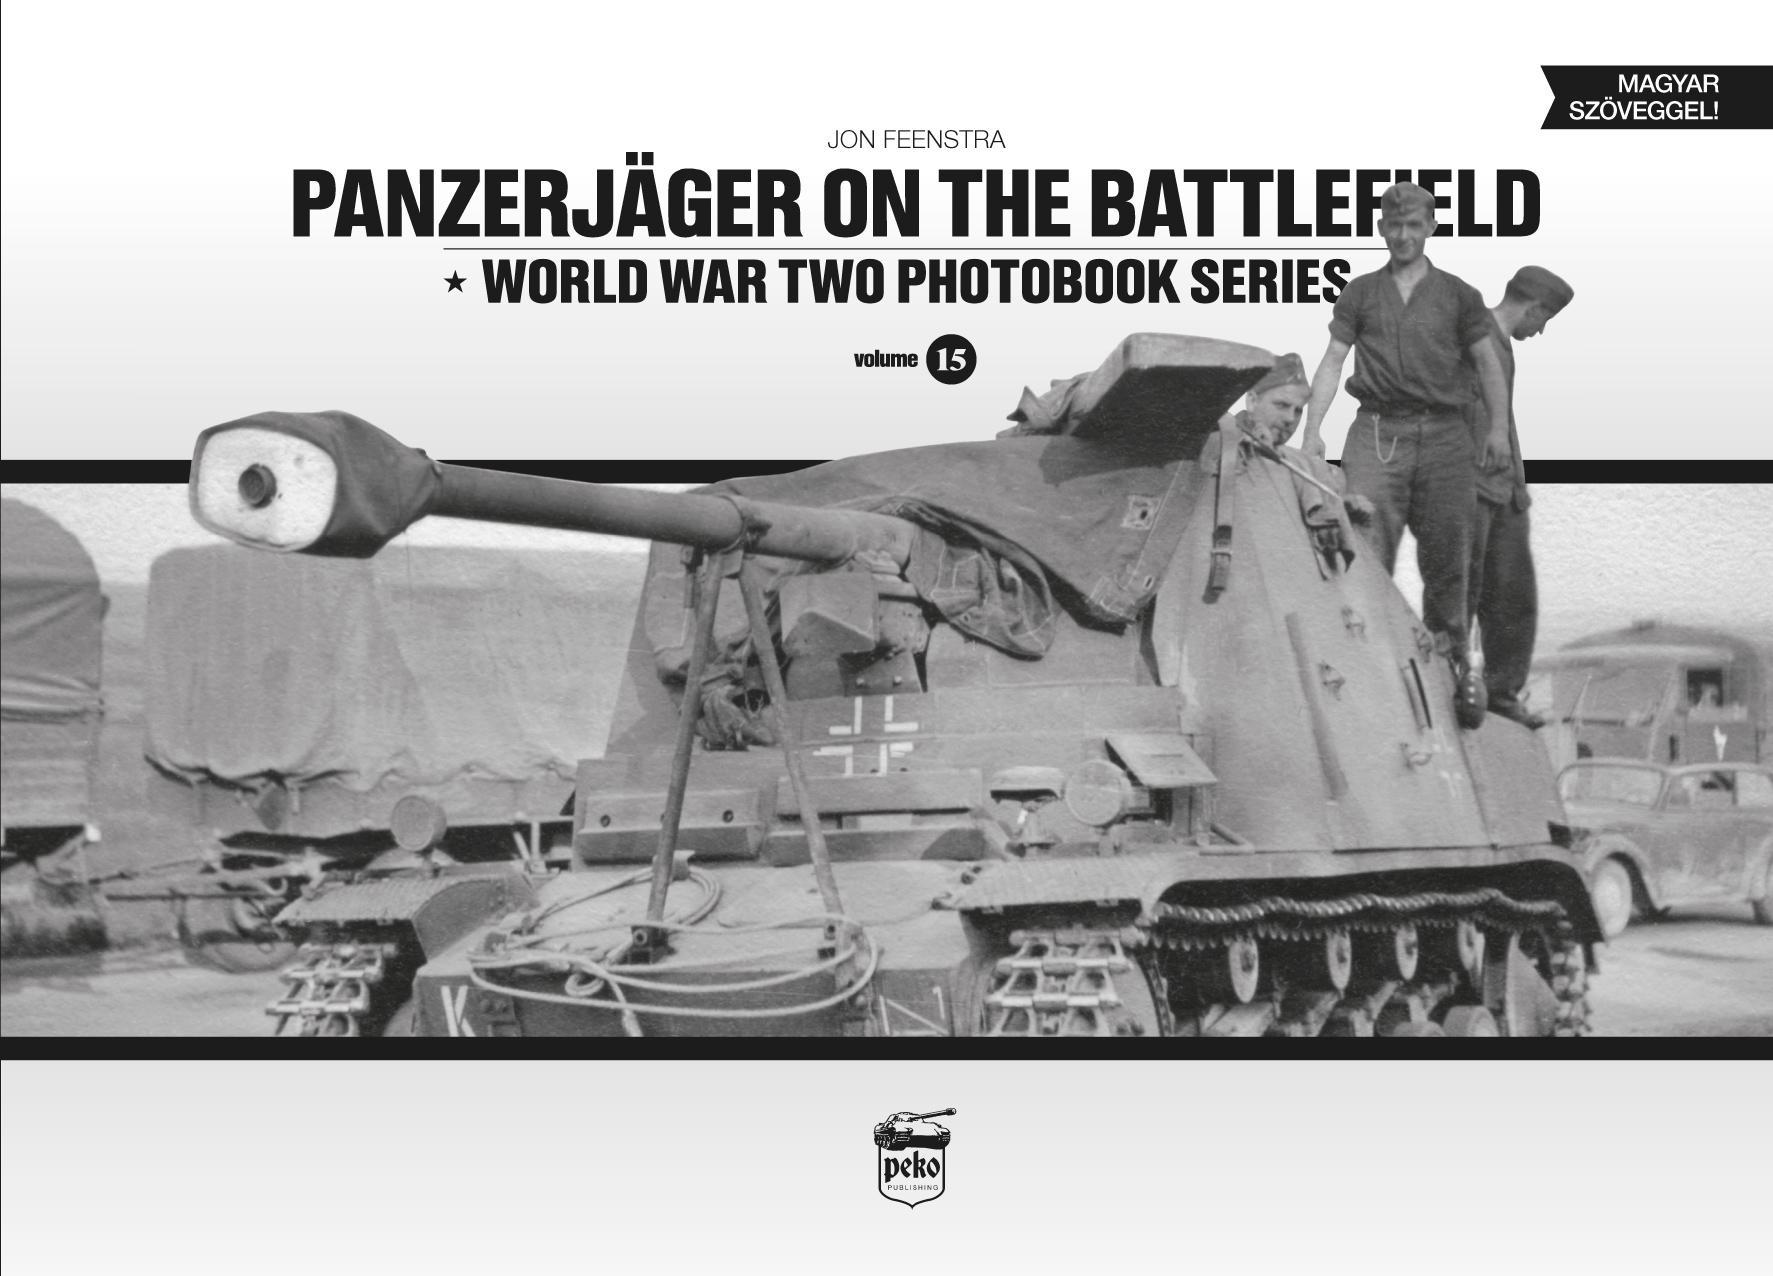 PANZERJÄGER ON THE BATTLEFIELD (WOLUME 15.)